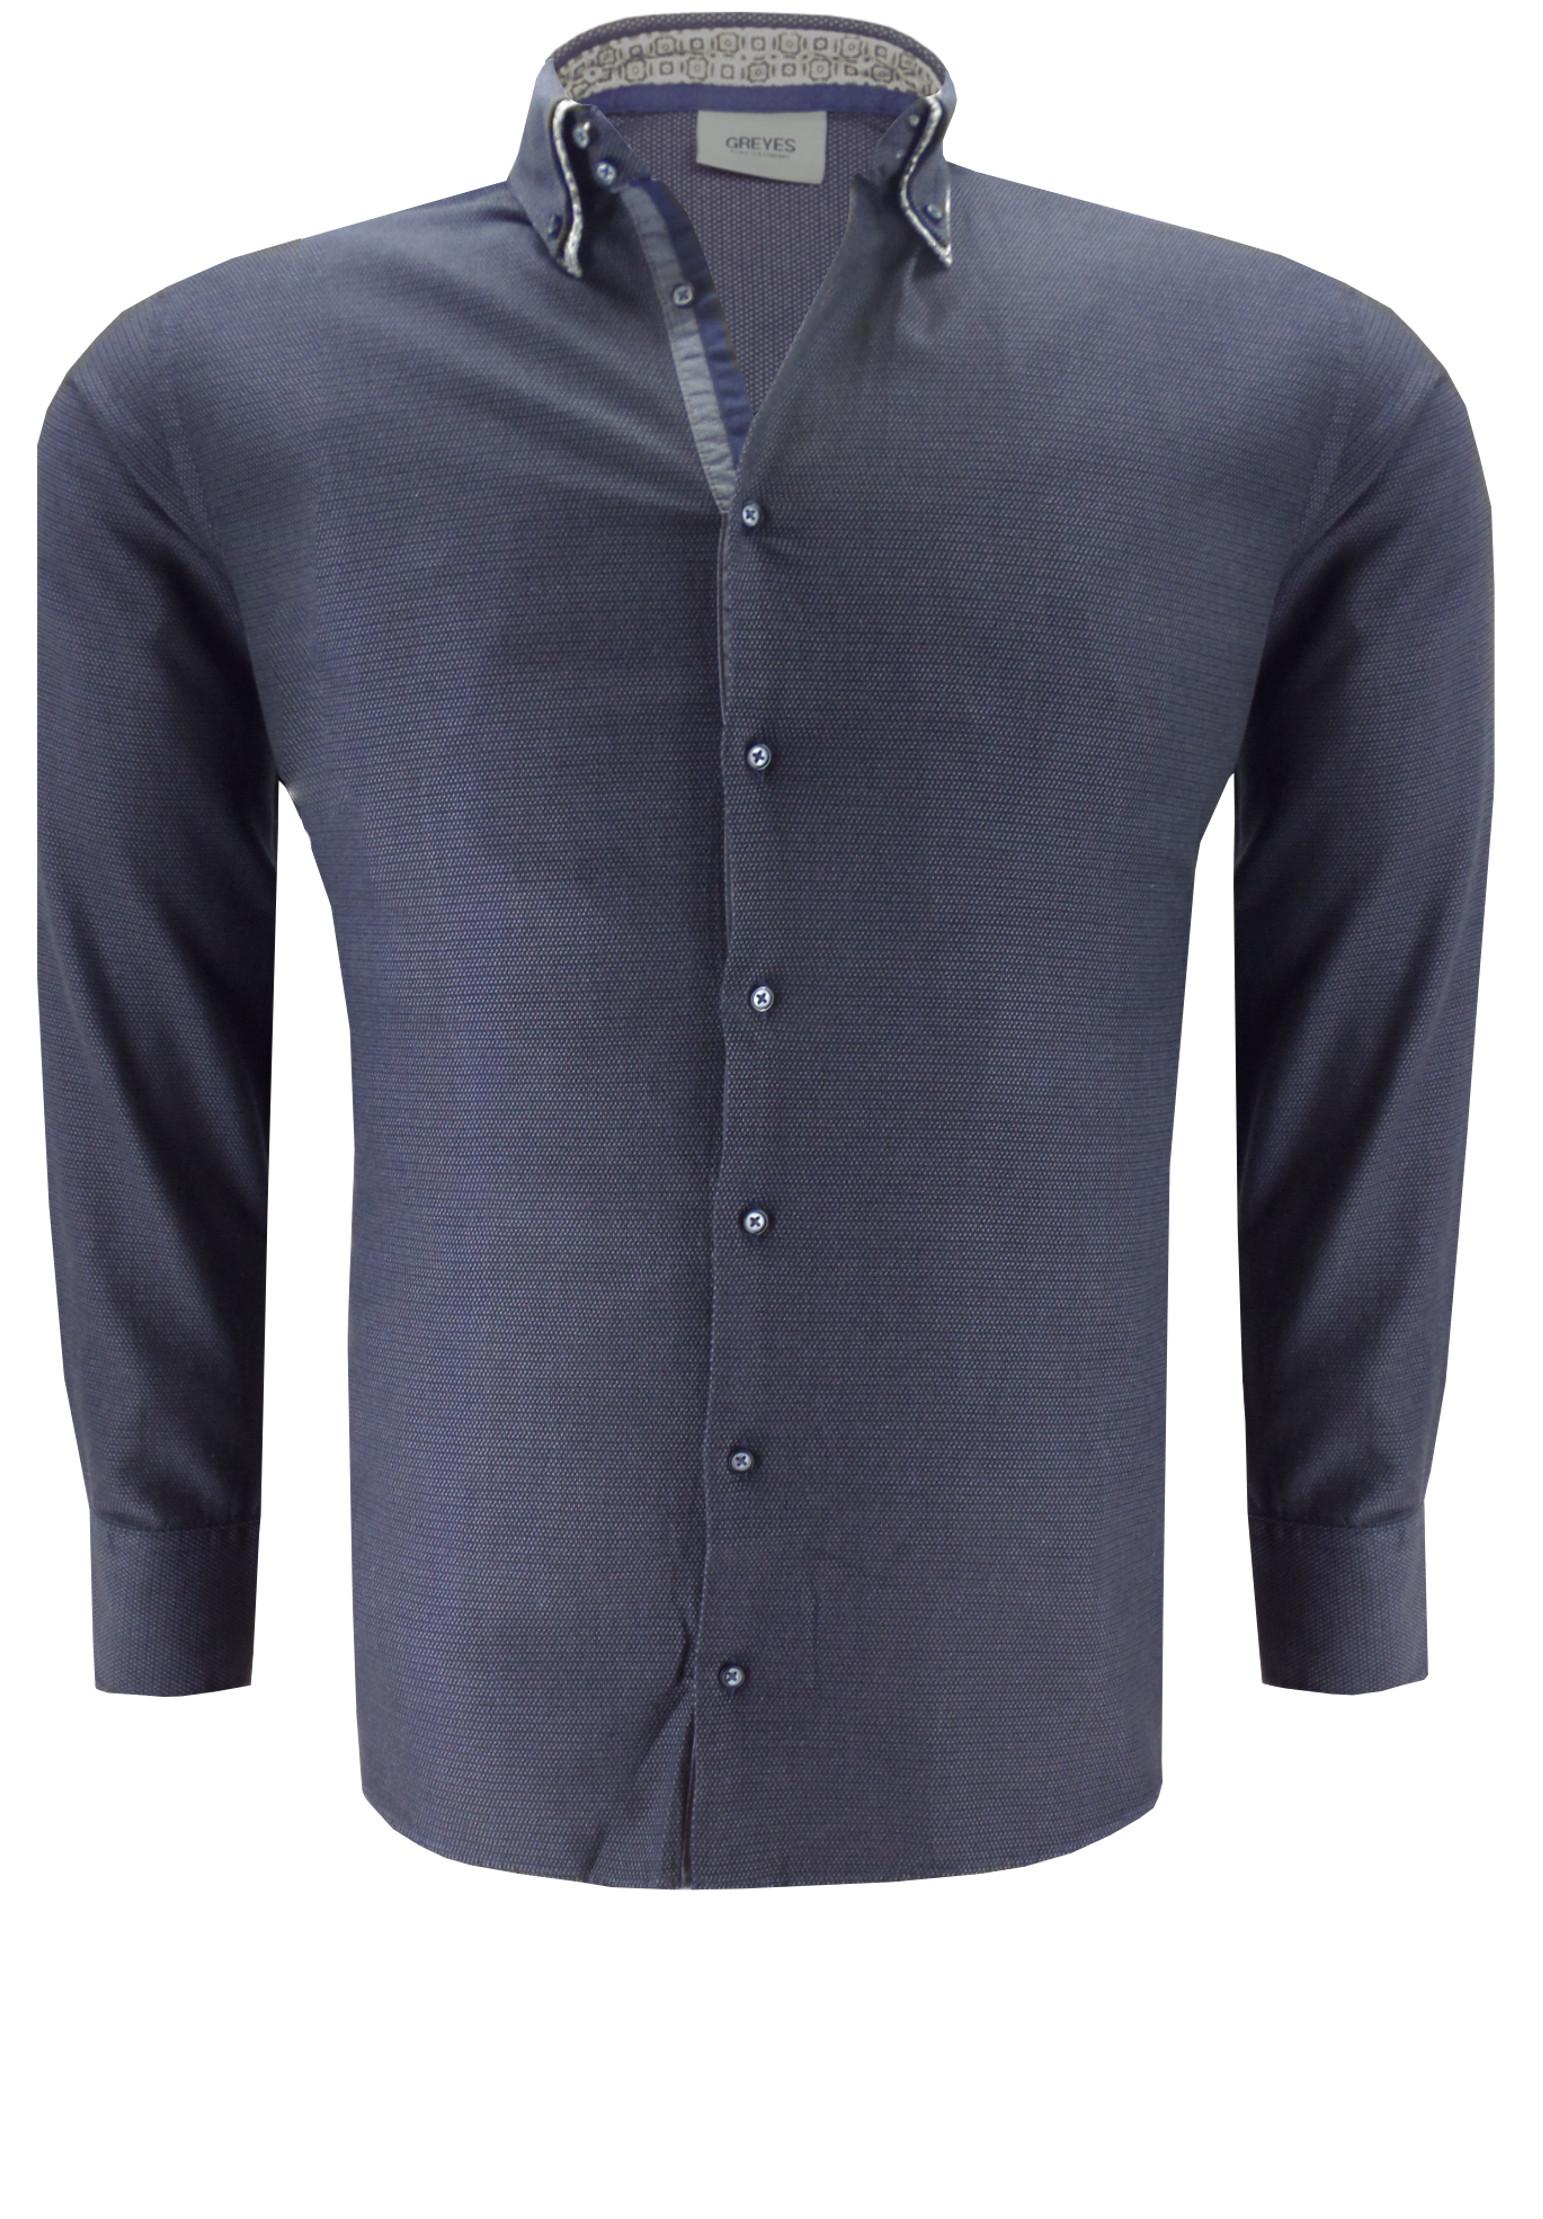 Greyes overhemd met een dubbele buttondown kraag, stijlvolle contrasterende accenten aan de kraag en de knooplijst.